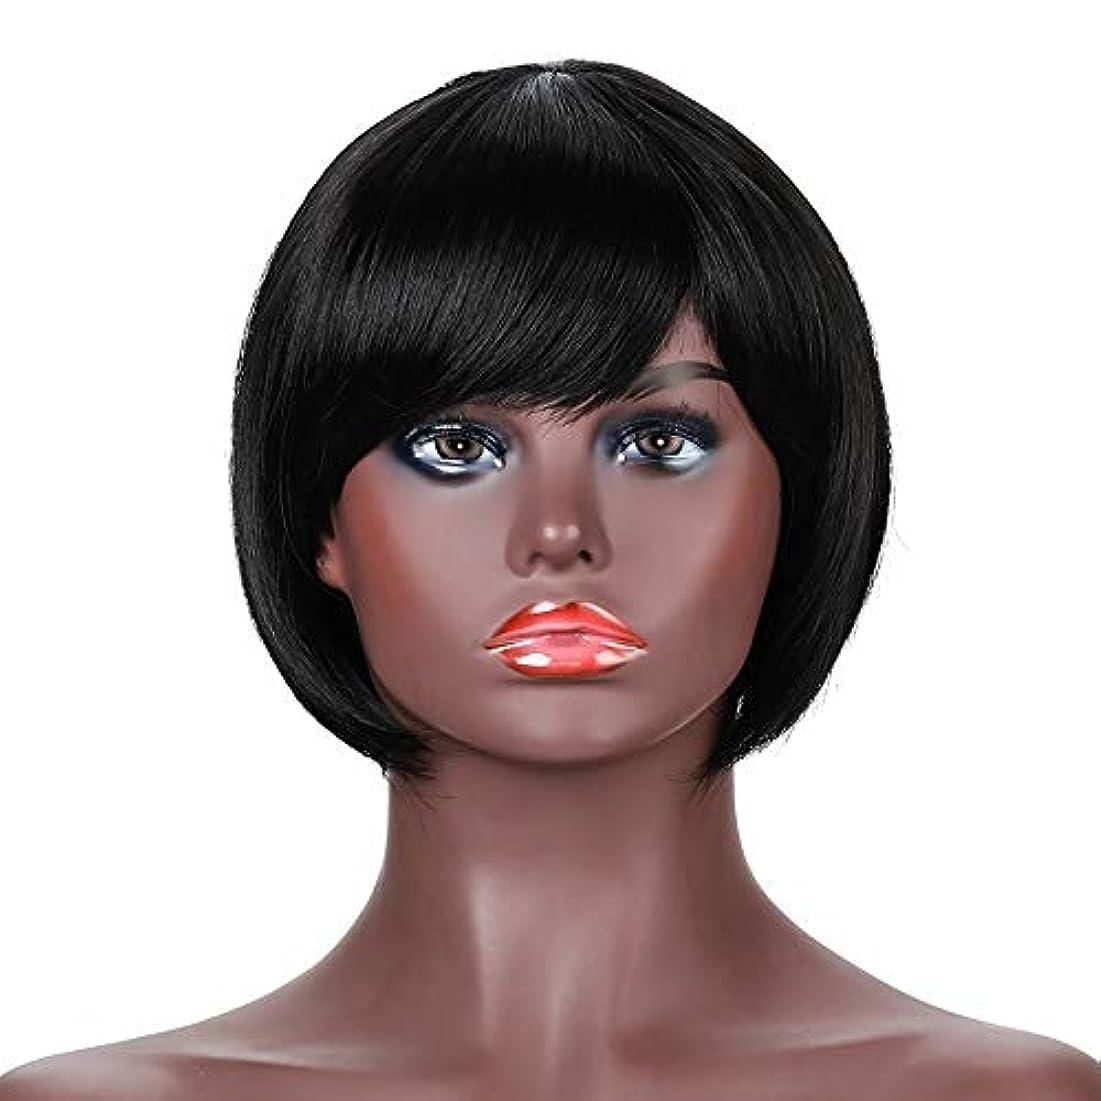 曖昧なブレーク脈拍女性用ナチュラルブラックショートカーリーヘアウィッグ前髪リアル人毛ウィッグ合成フルヘアウィッグ女性用ハロウィンコスプレパーティーウィッグ